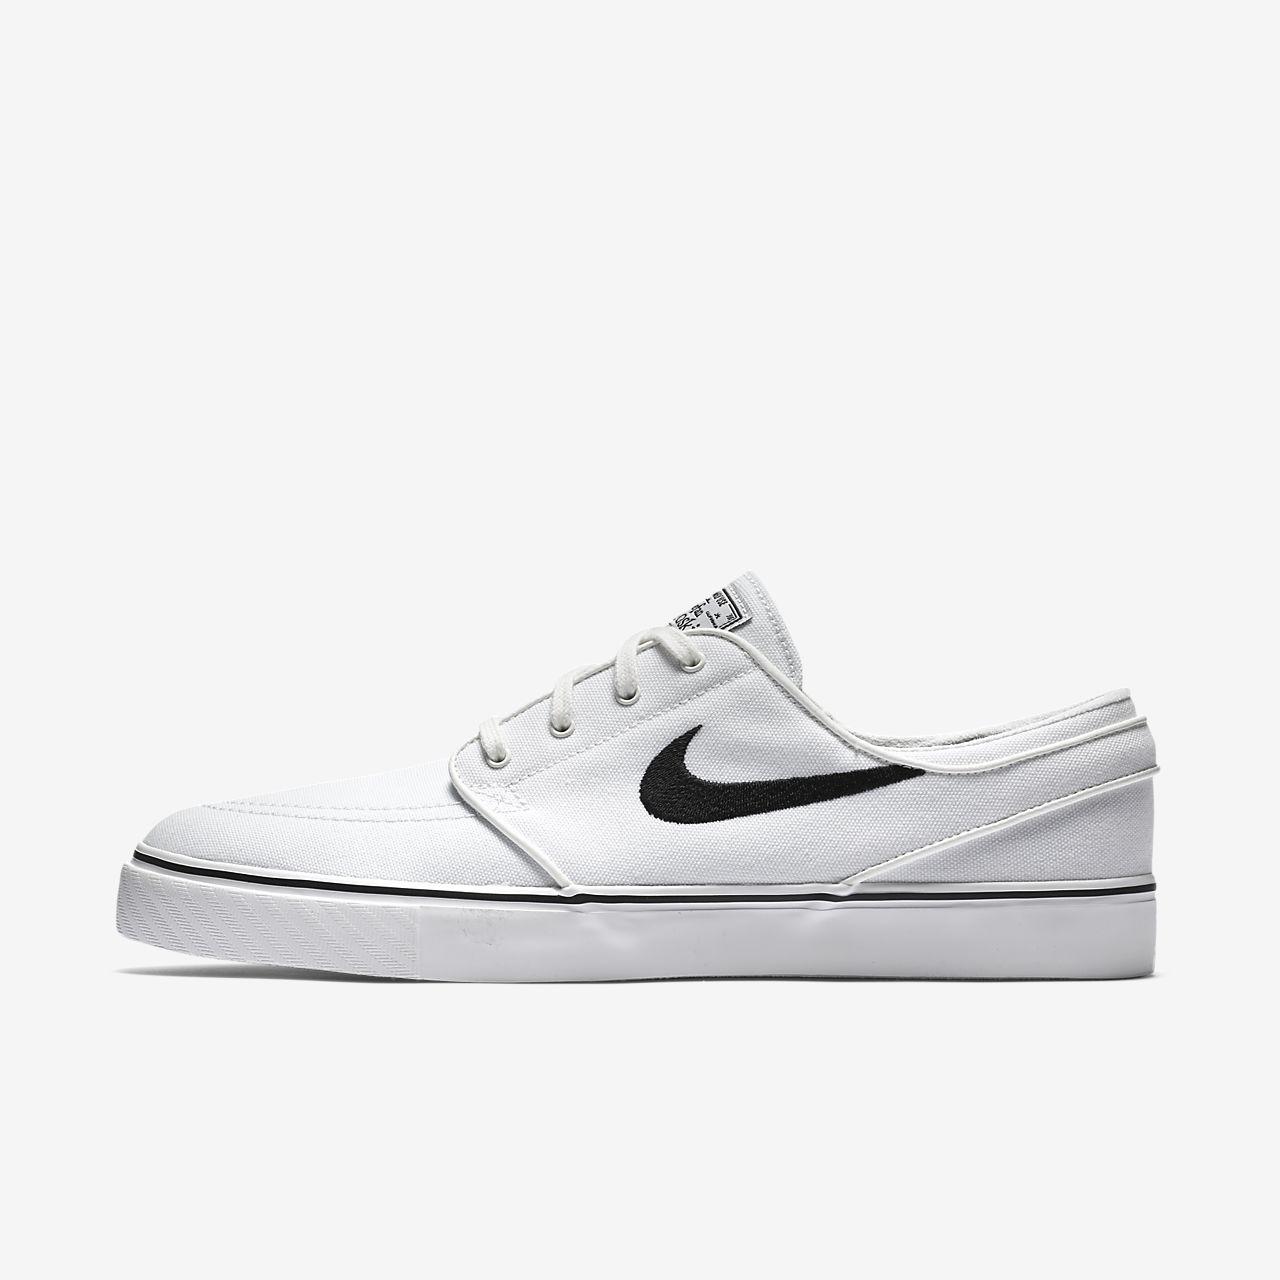 Nike Zoom Sb Stefan Janoski Toile Chaussures Uk Enfants très bon marché explorer sortie 2015 à vendre meilleur fournisseur XvRnGLHoeV